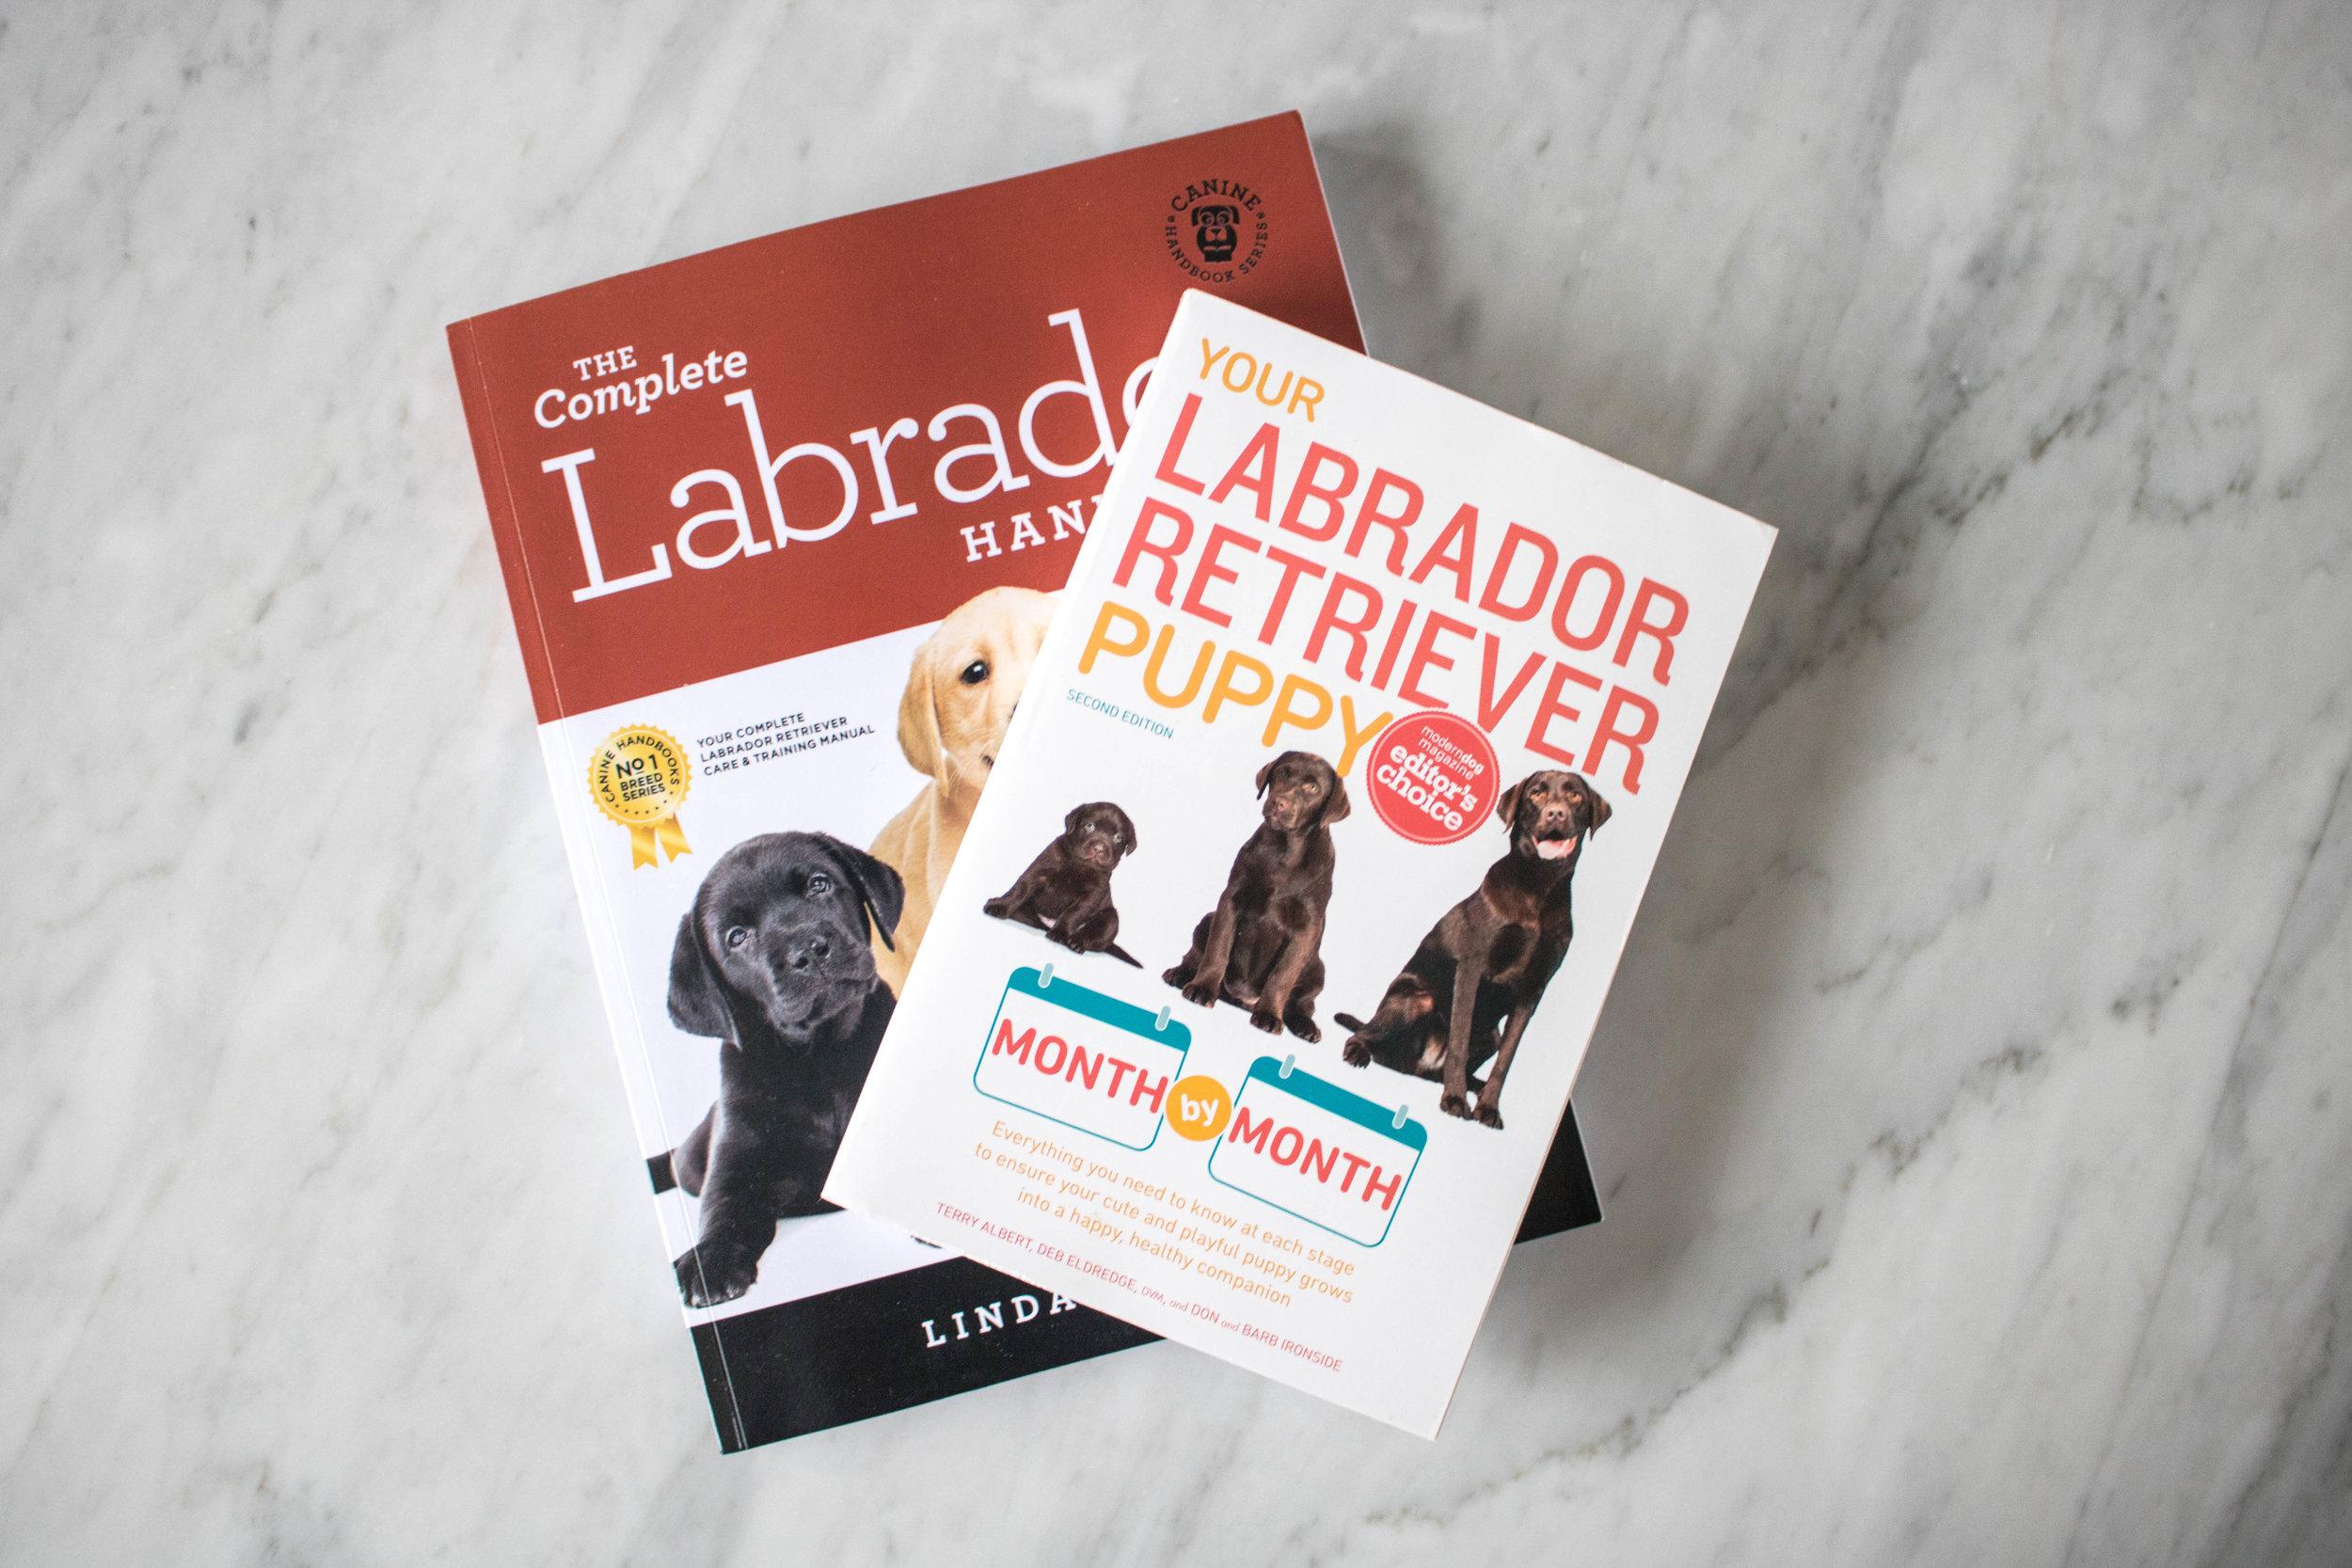 Labrador books